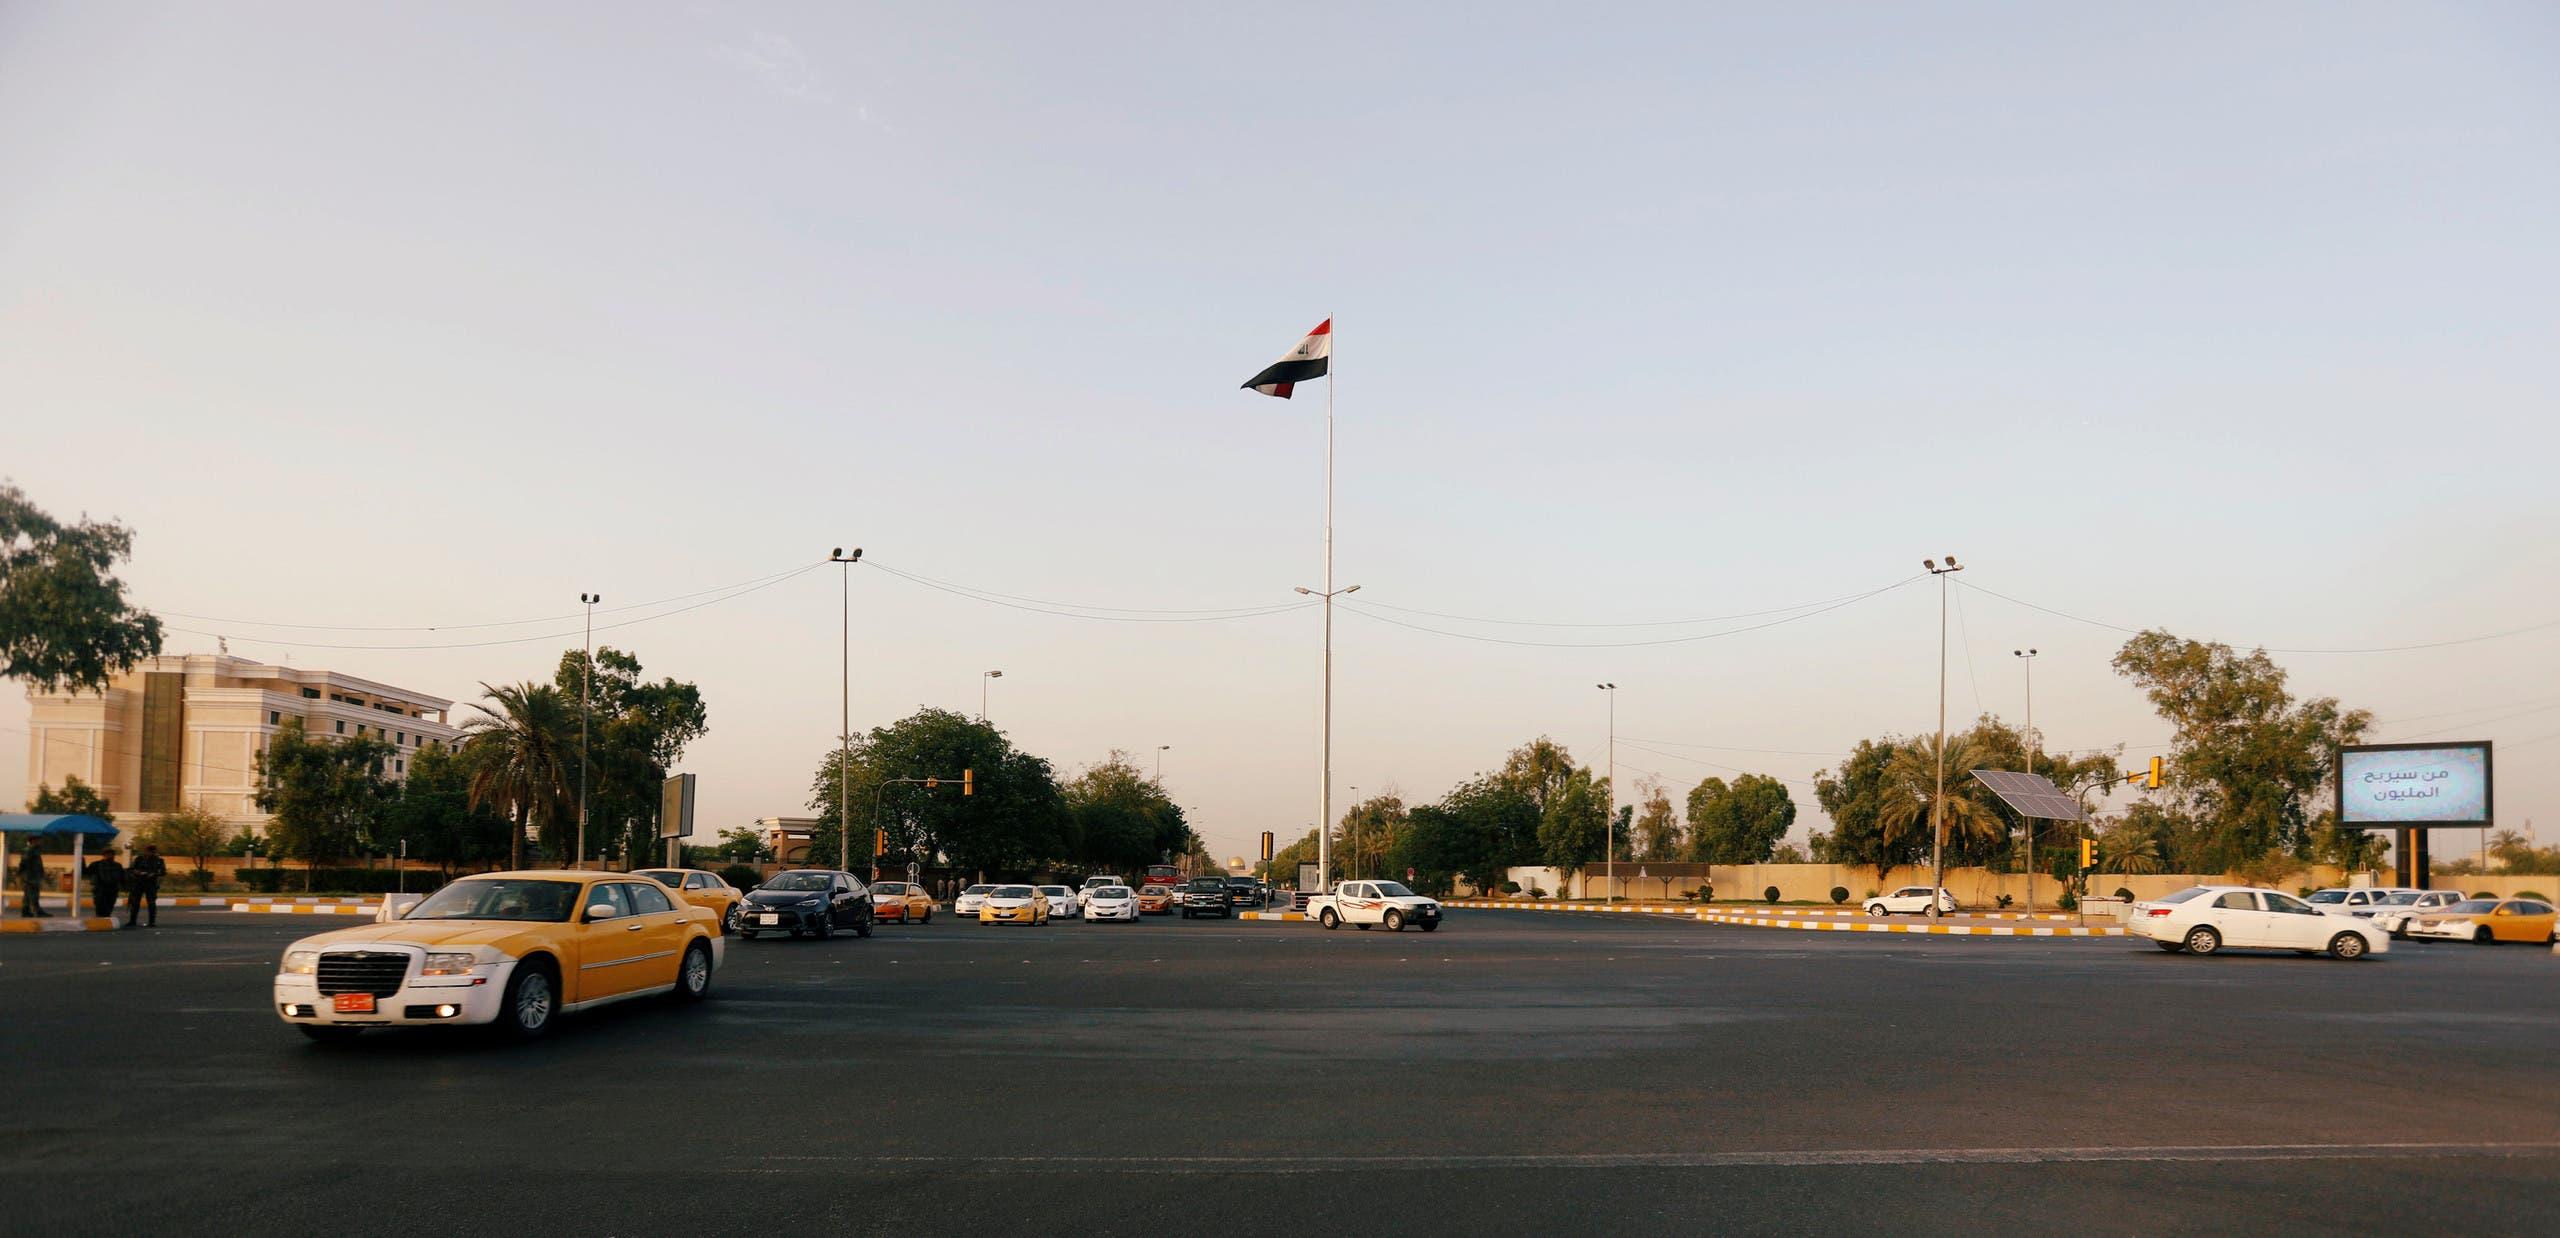 المنطقة الخضراء بغداد